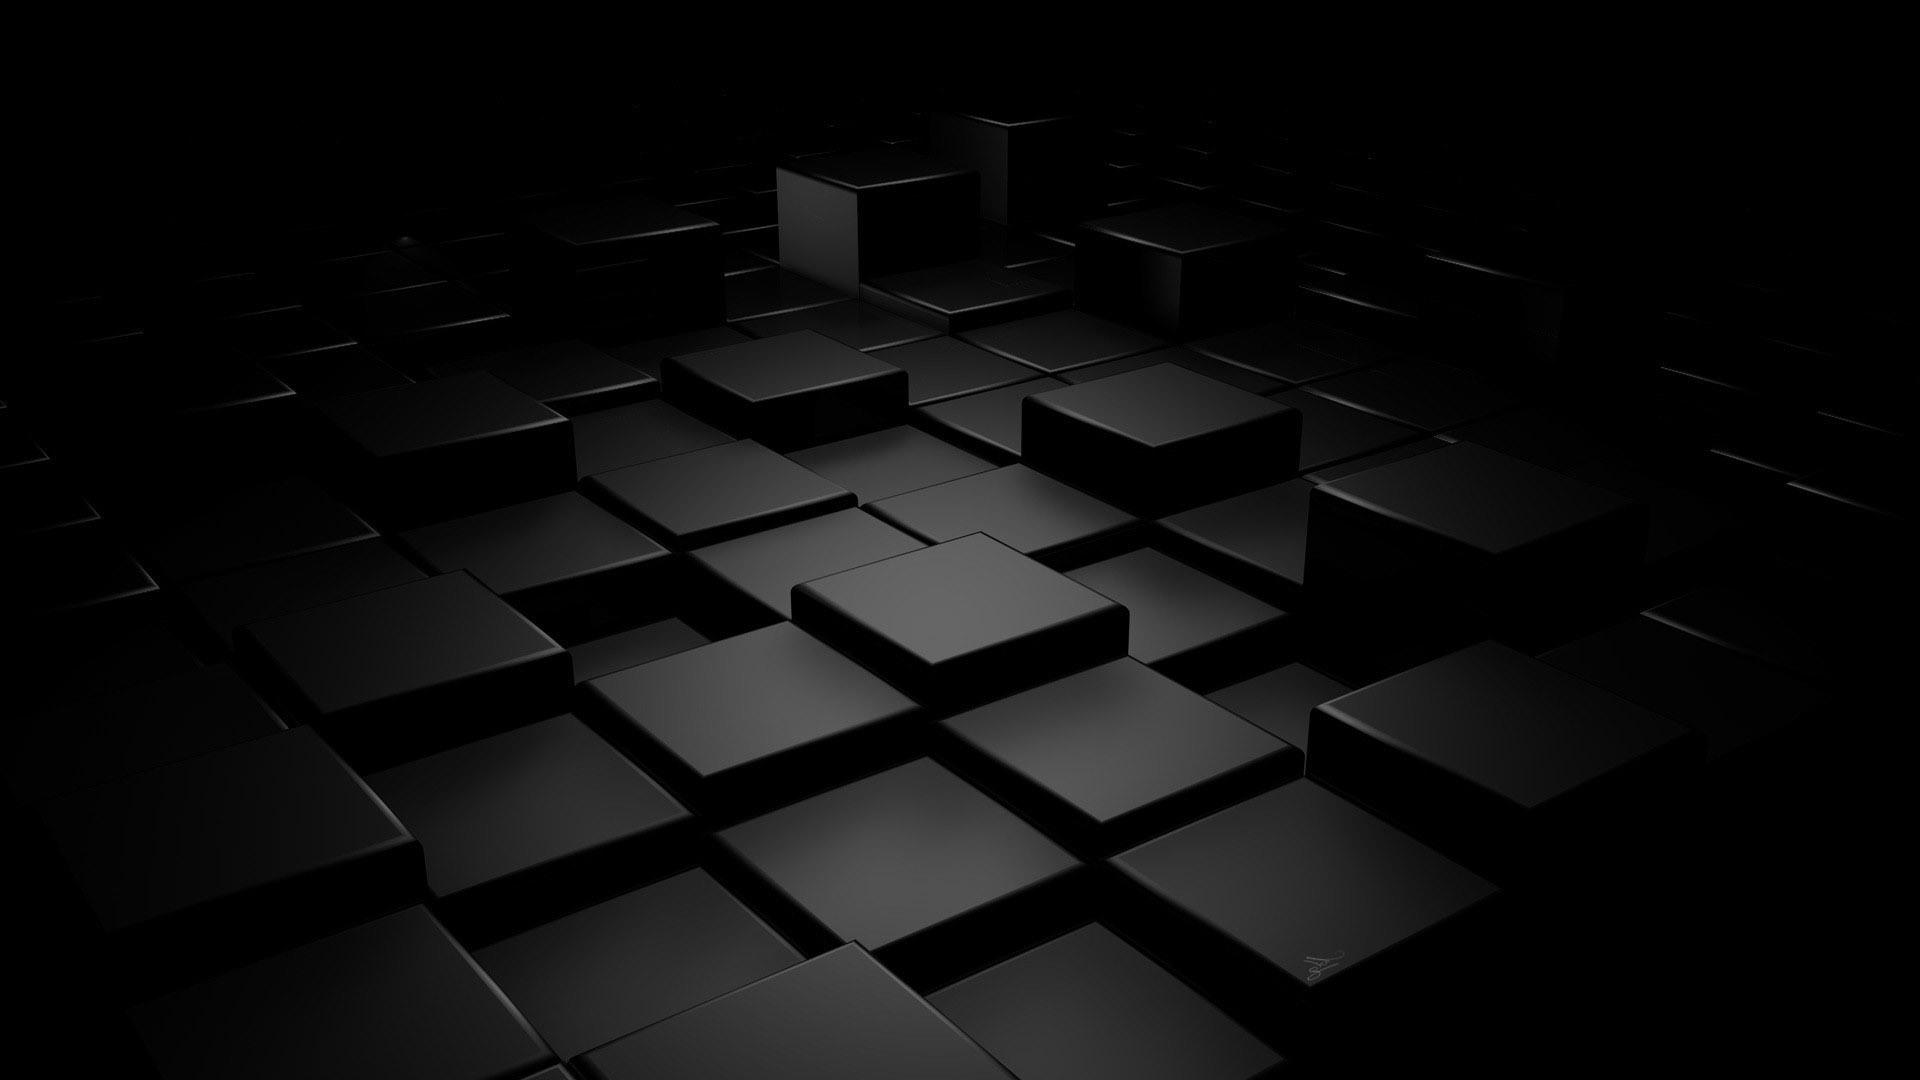 Black Abstract Screenshots